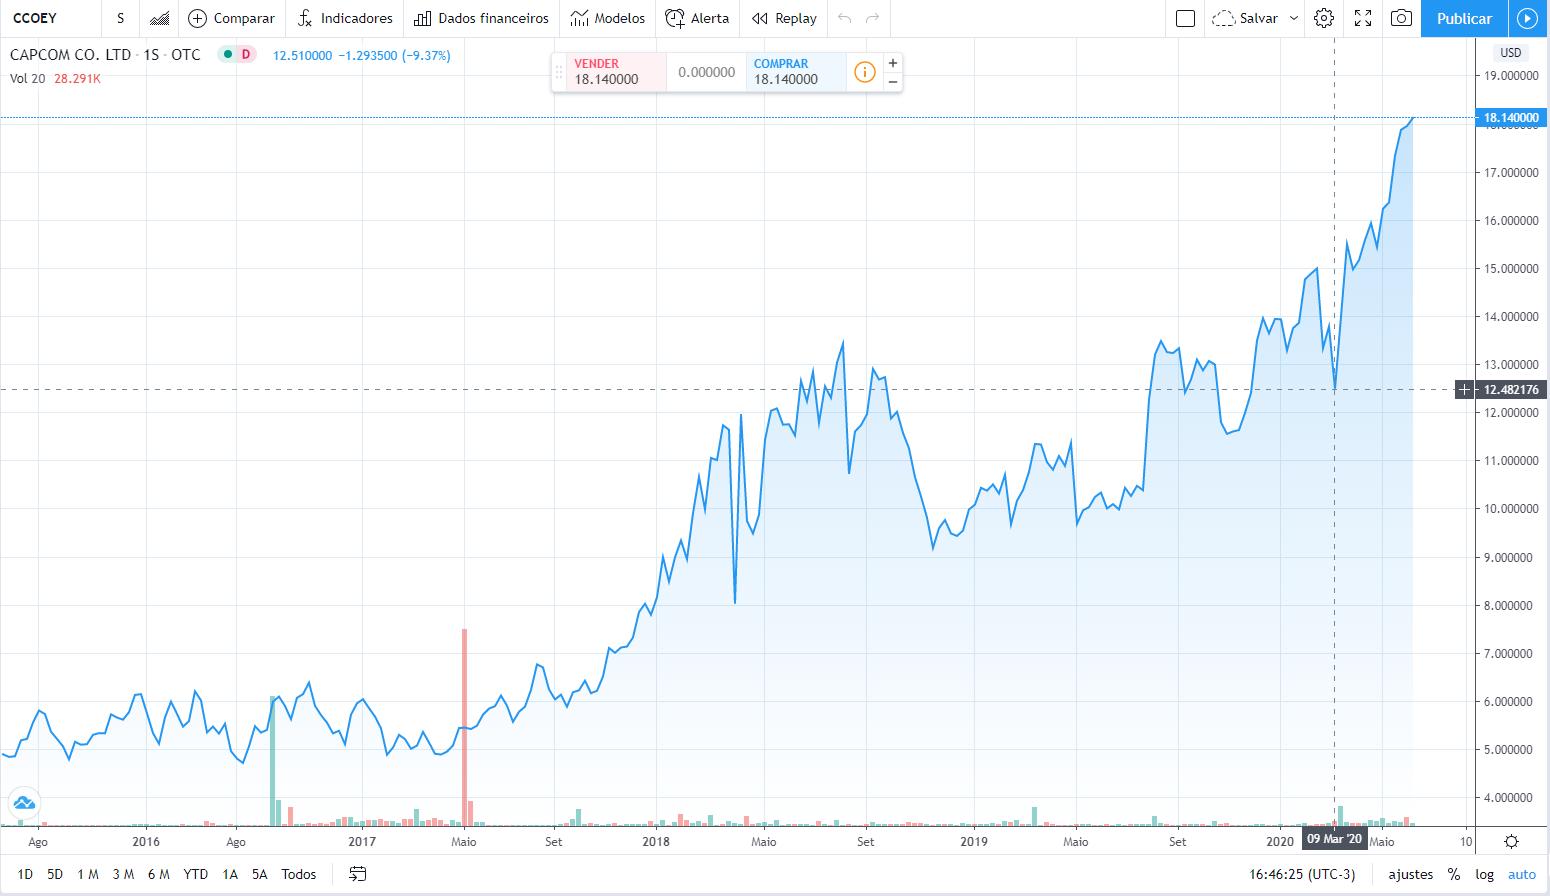 Performance da Capcom (CCOEY) no mercado de ações, nos últimos 5 anos